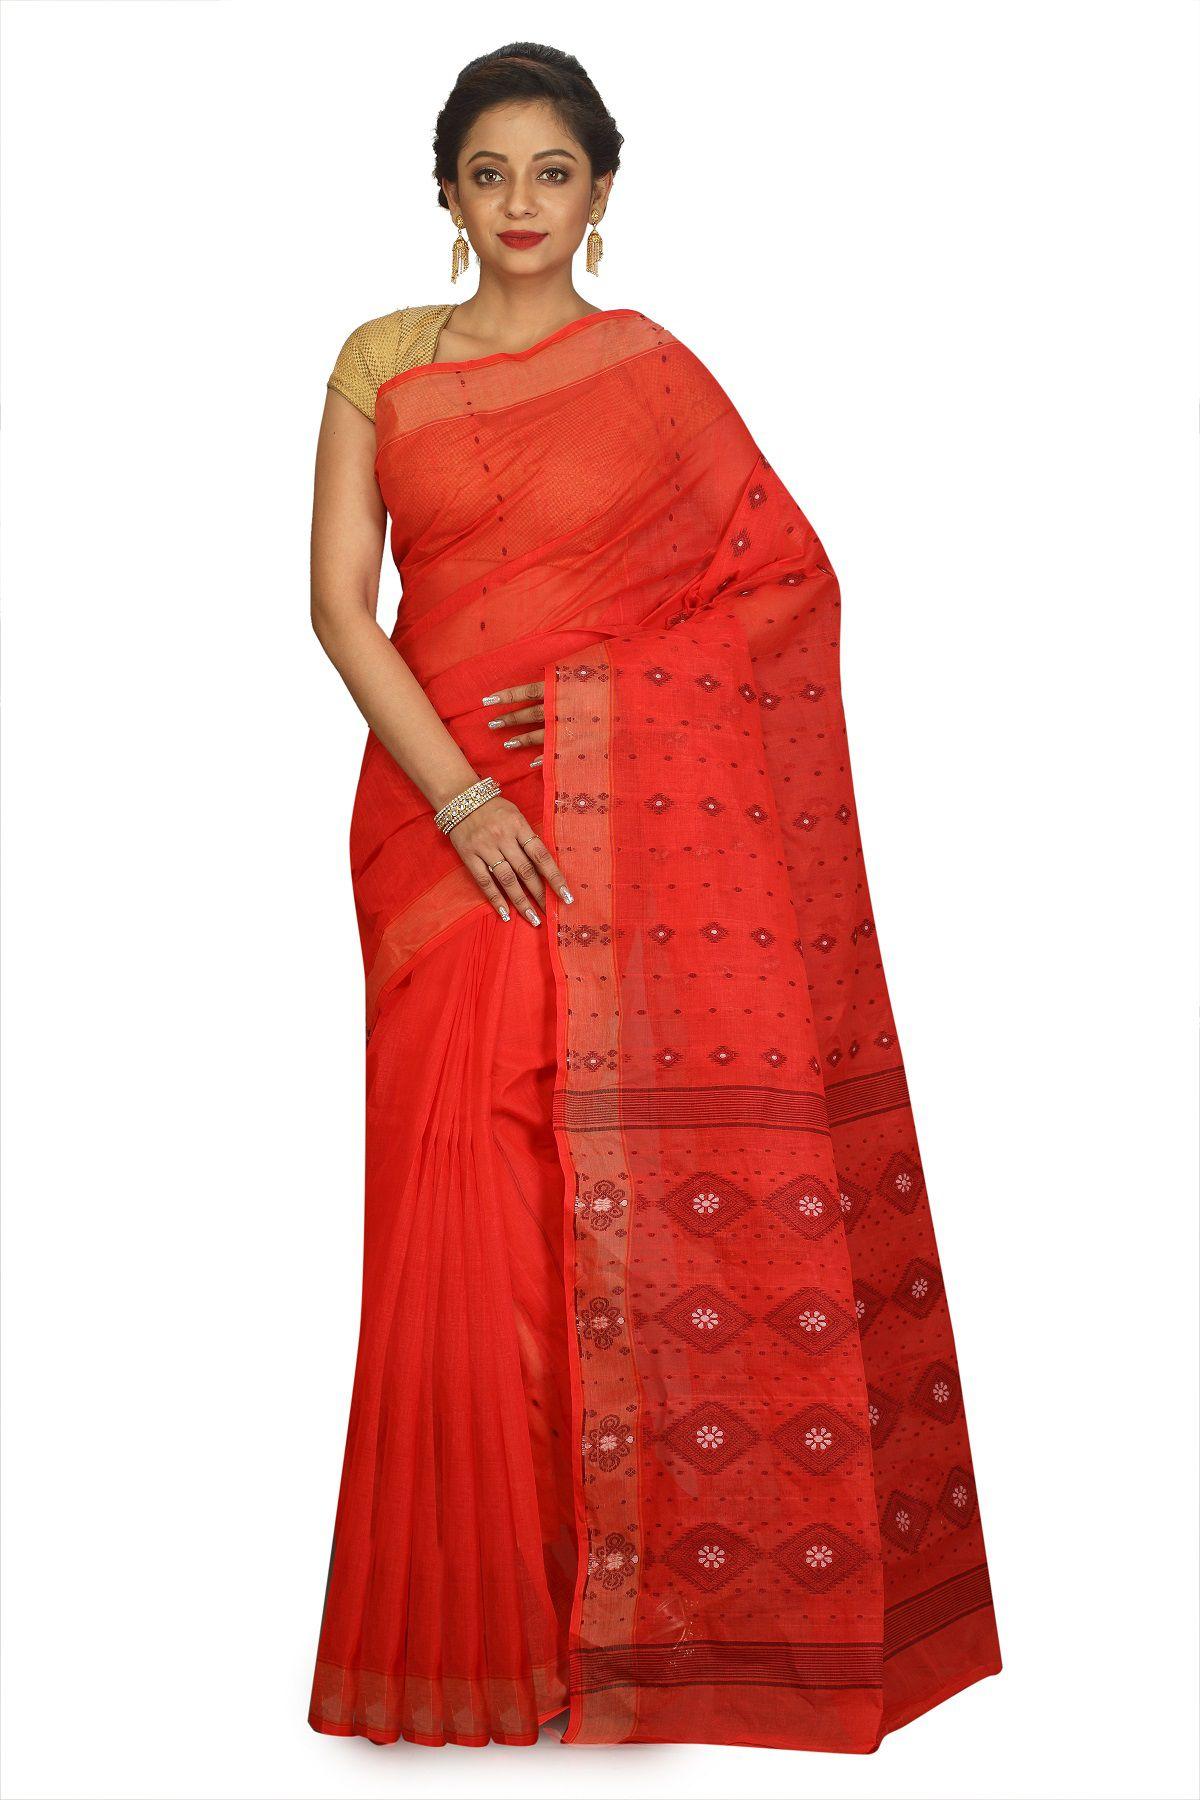 Fablum Red Cotton Saree